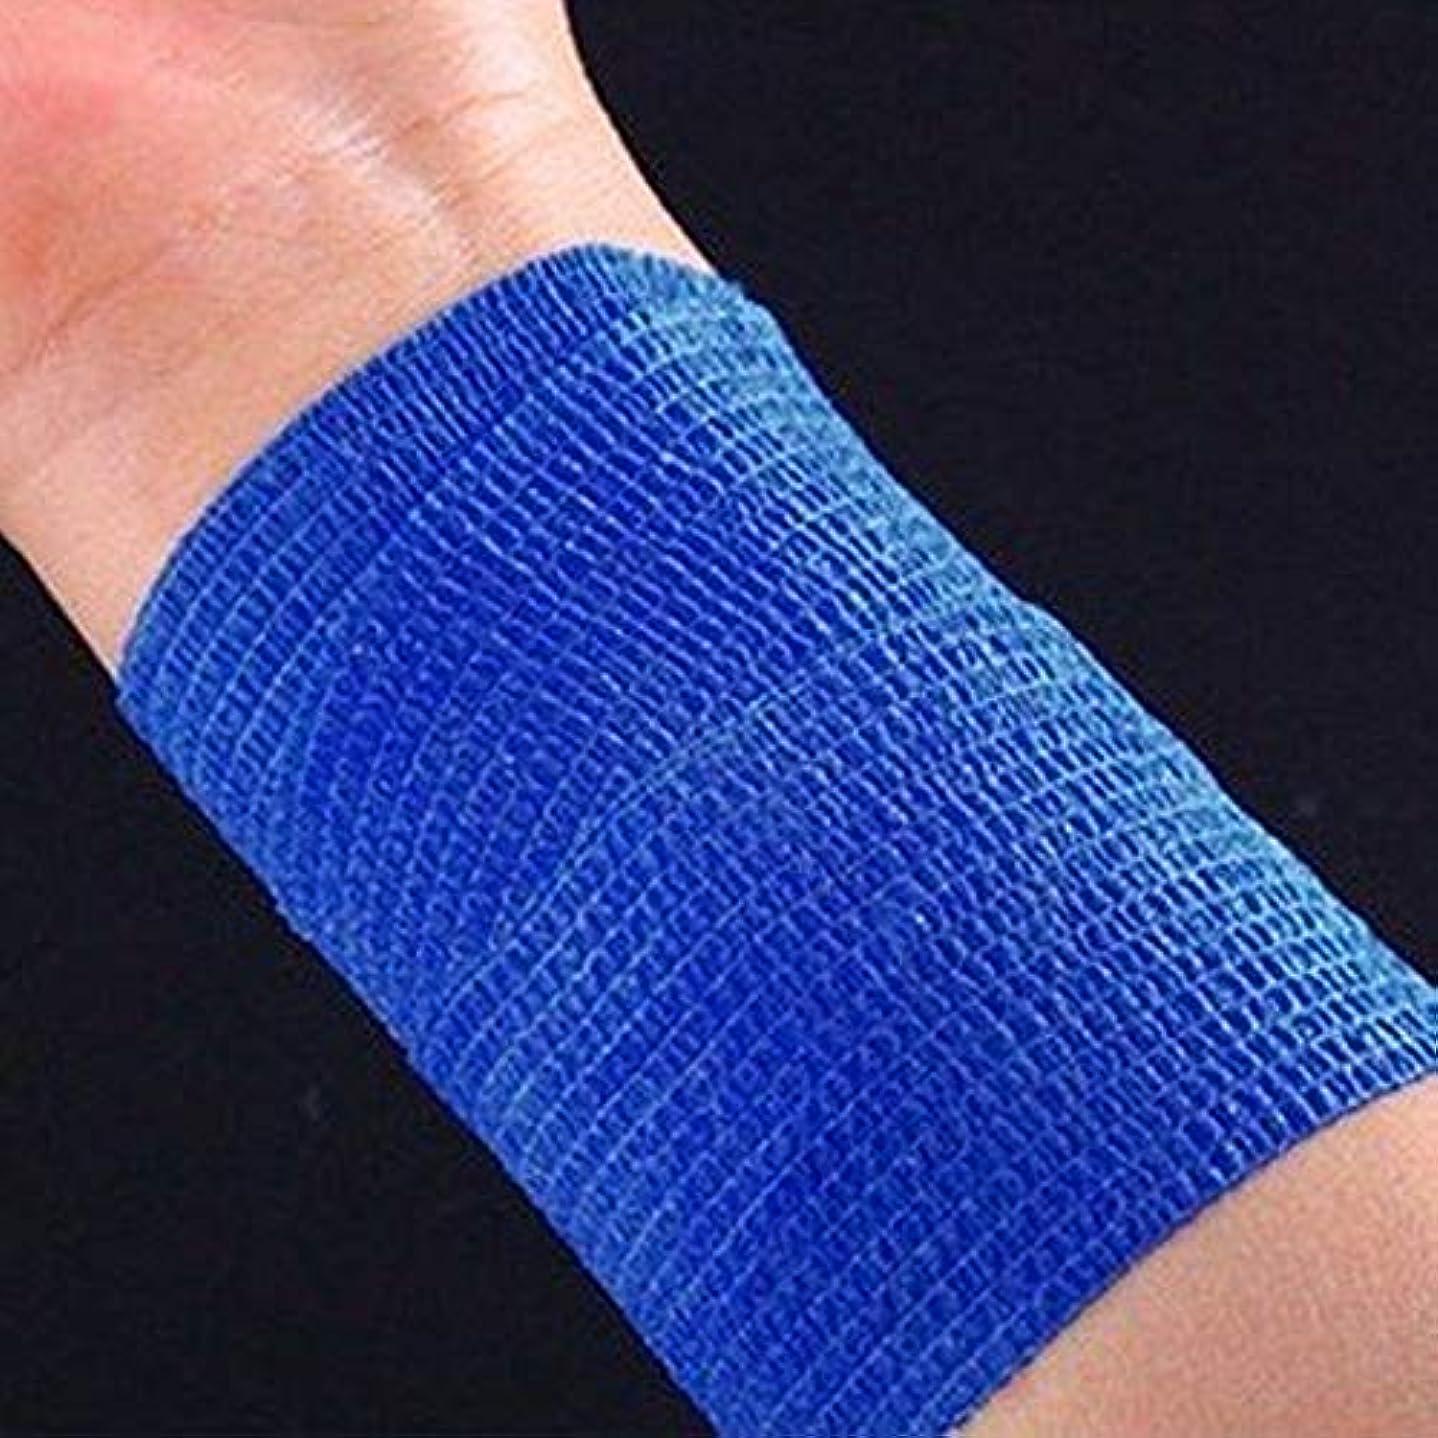 アリーナ首曲げるPichidr-JP 自己接着包帯足首の捻挫、腫れや手首のための2インチの便利な弾性包帯